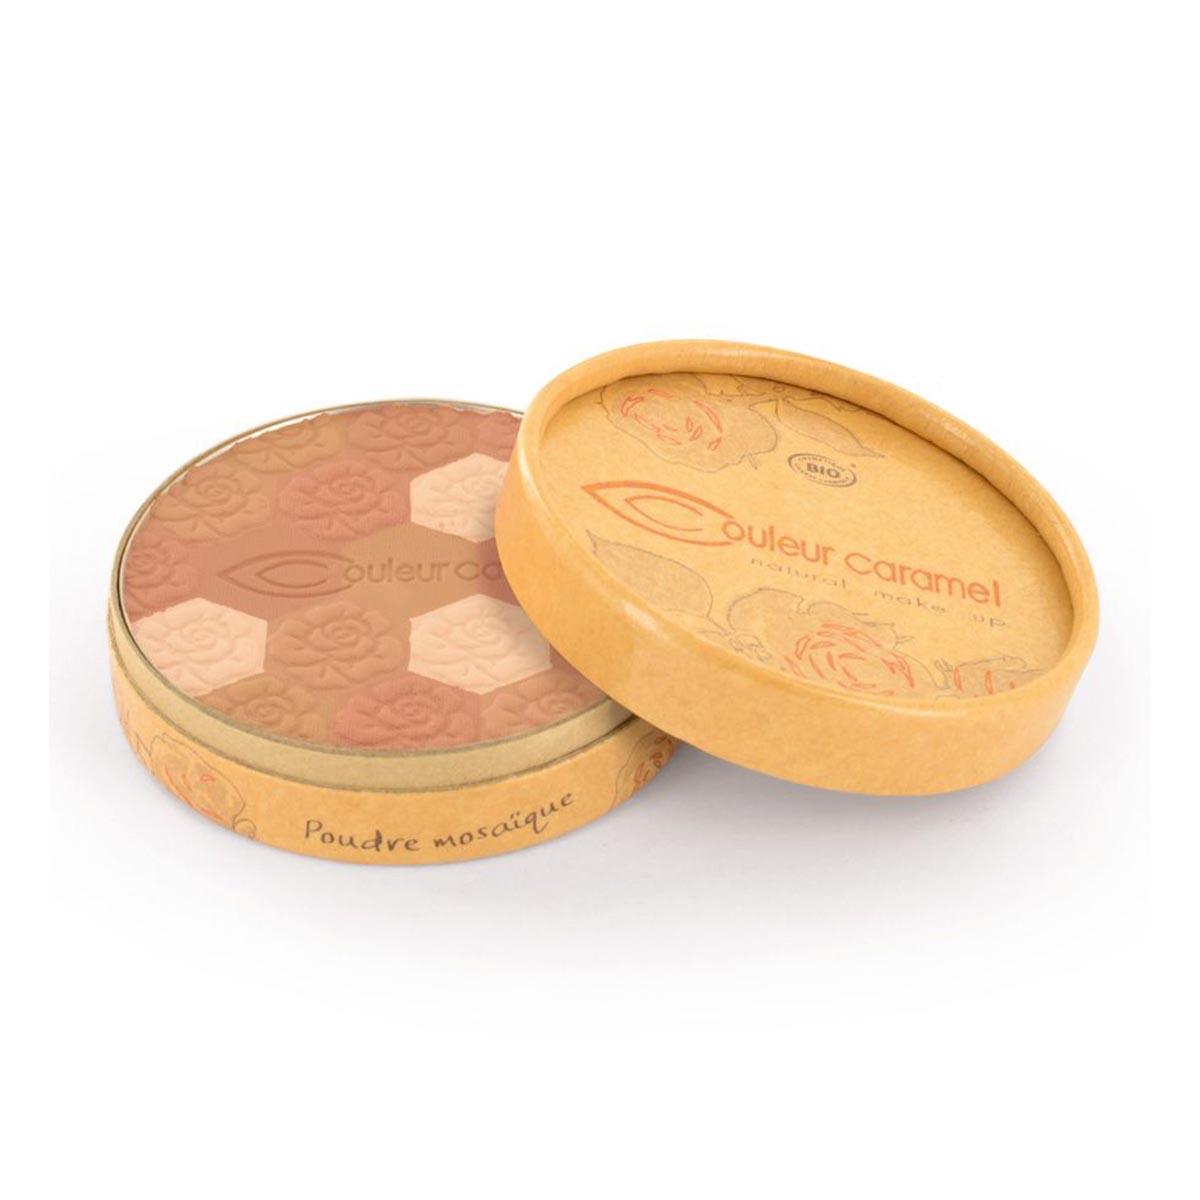 Couleur caramel poudre mosaique eclat du teint mate 233 medium skin